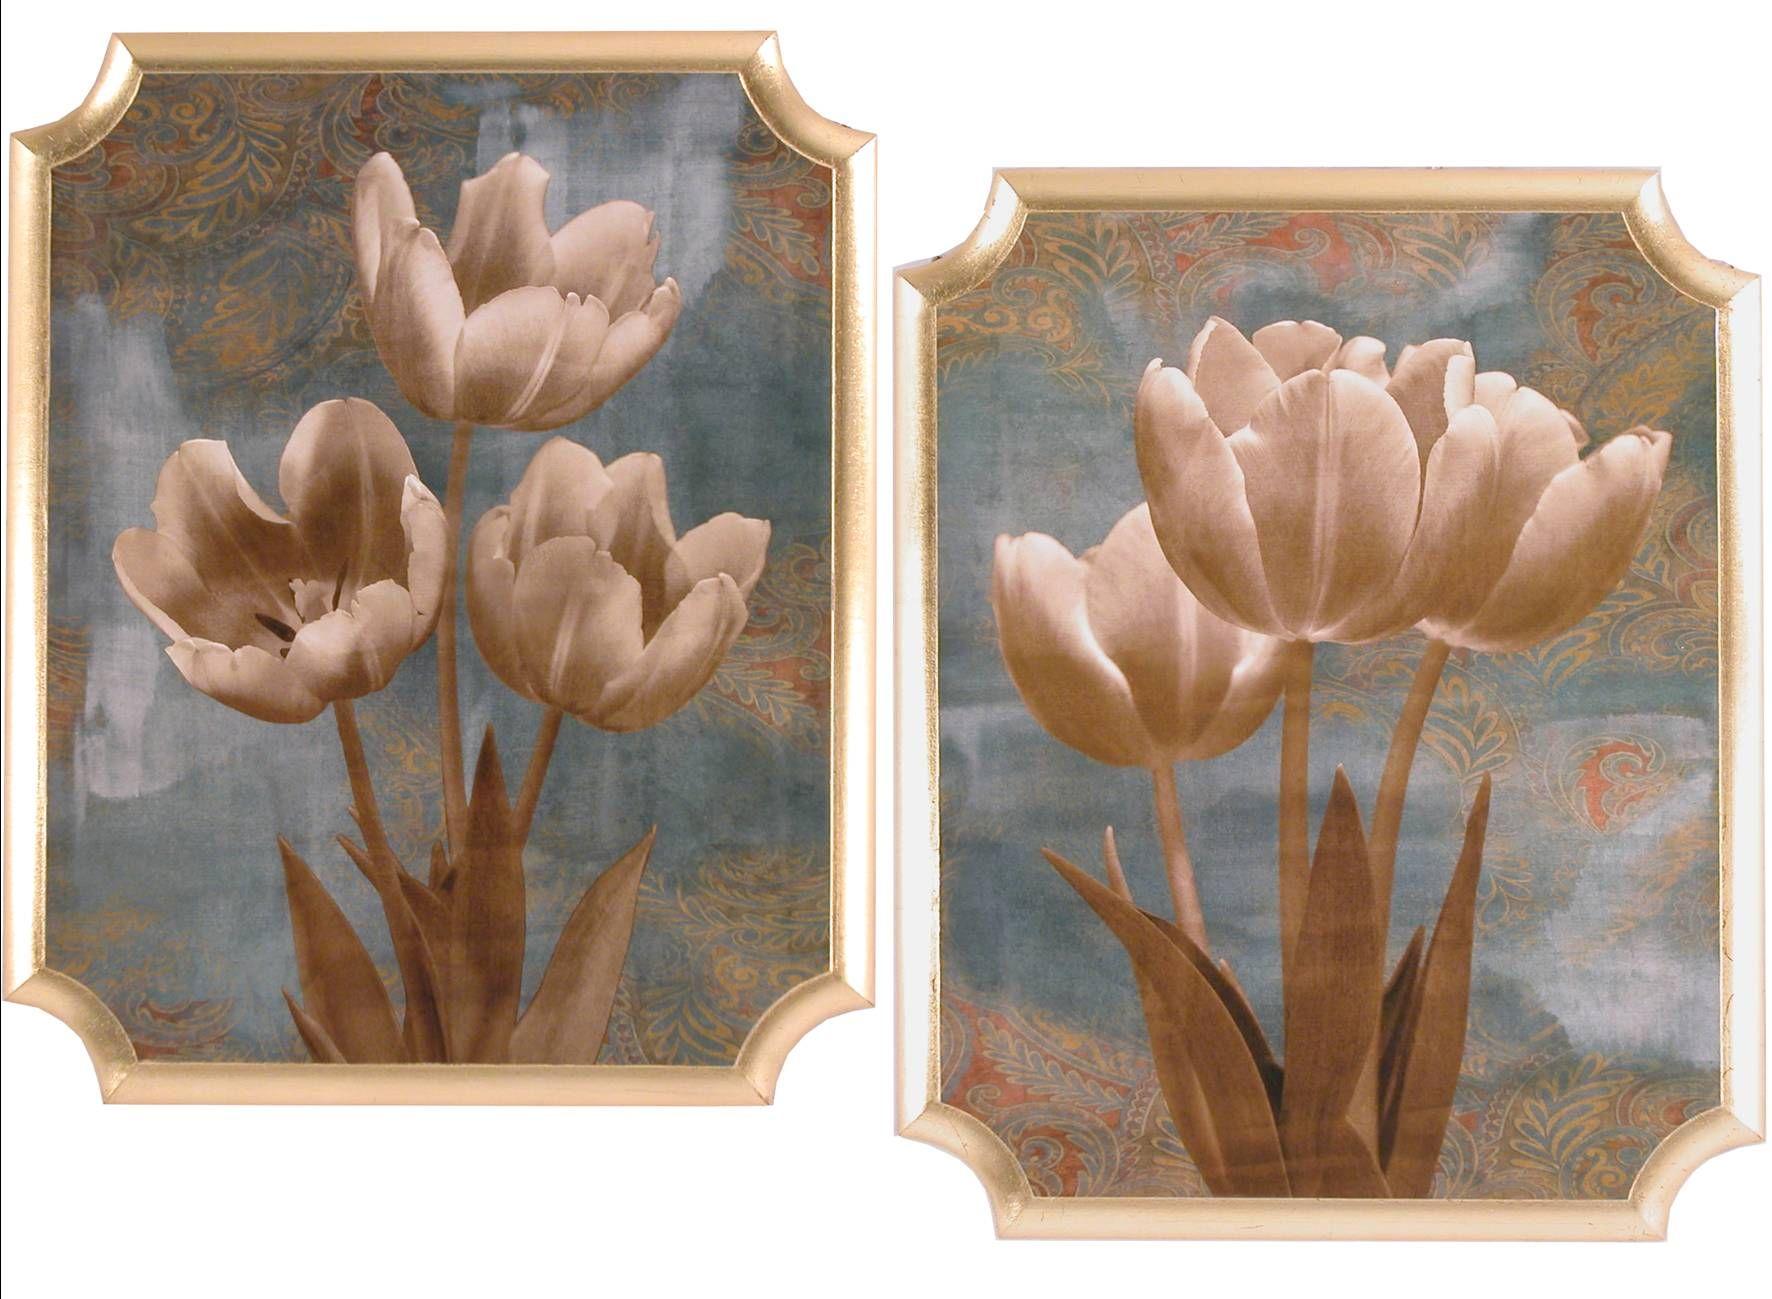 Quadri Classici Per Arredamento i quadri in legno con esterno dorato a foglia e raffiguranti